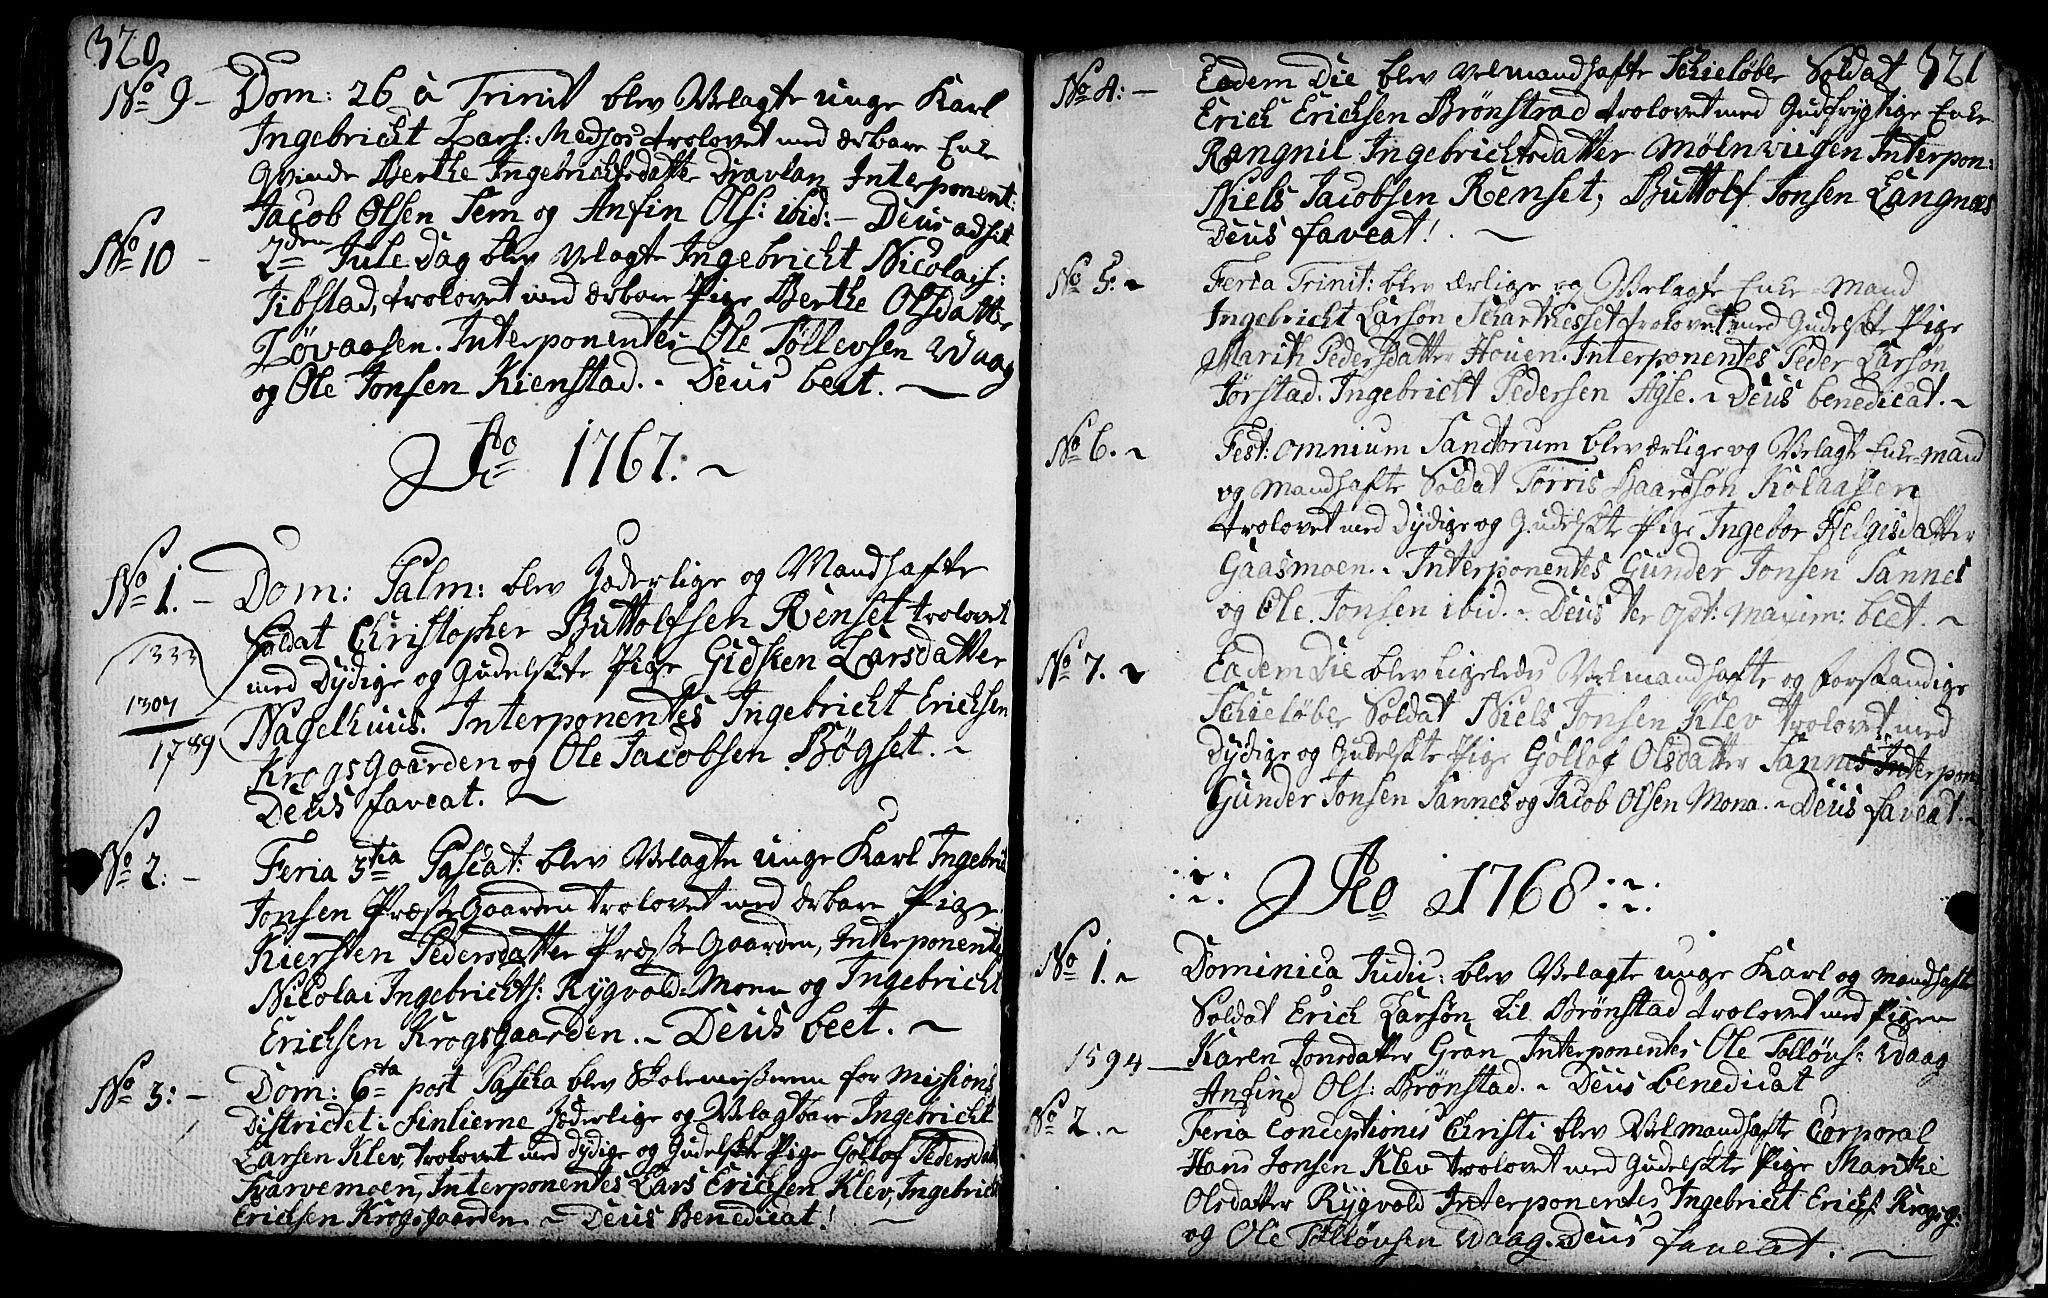 SAT, Ministerialprotokoller, klokkerbøker og fødselsregistre - Nord-Trøndelag, 749/L0467: Ministerialbok nr. 749A01, 1733-1787, s. 320-321